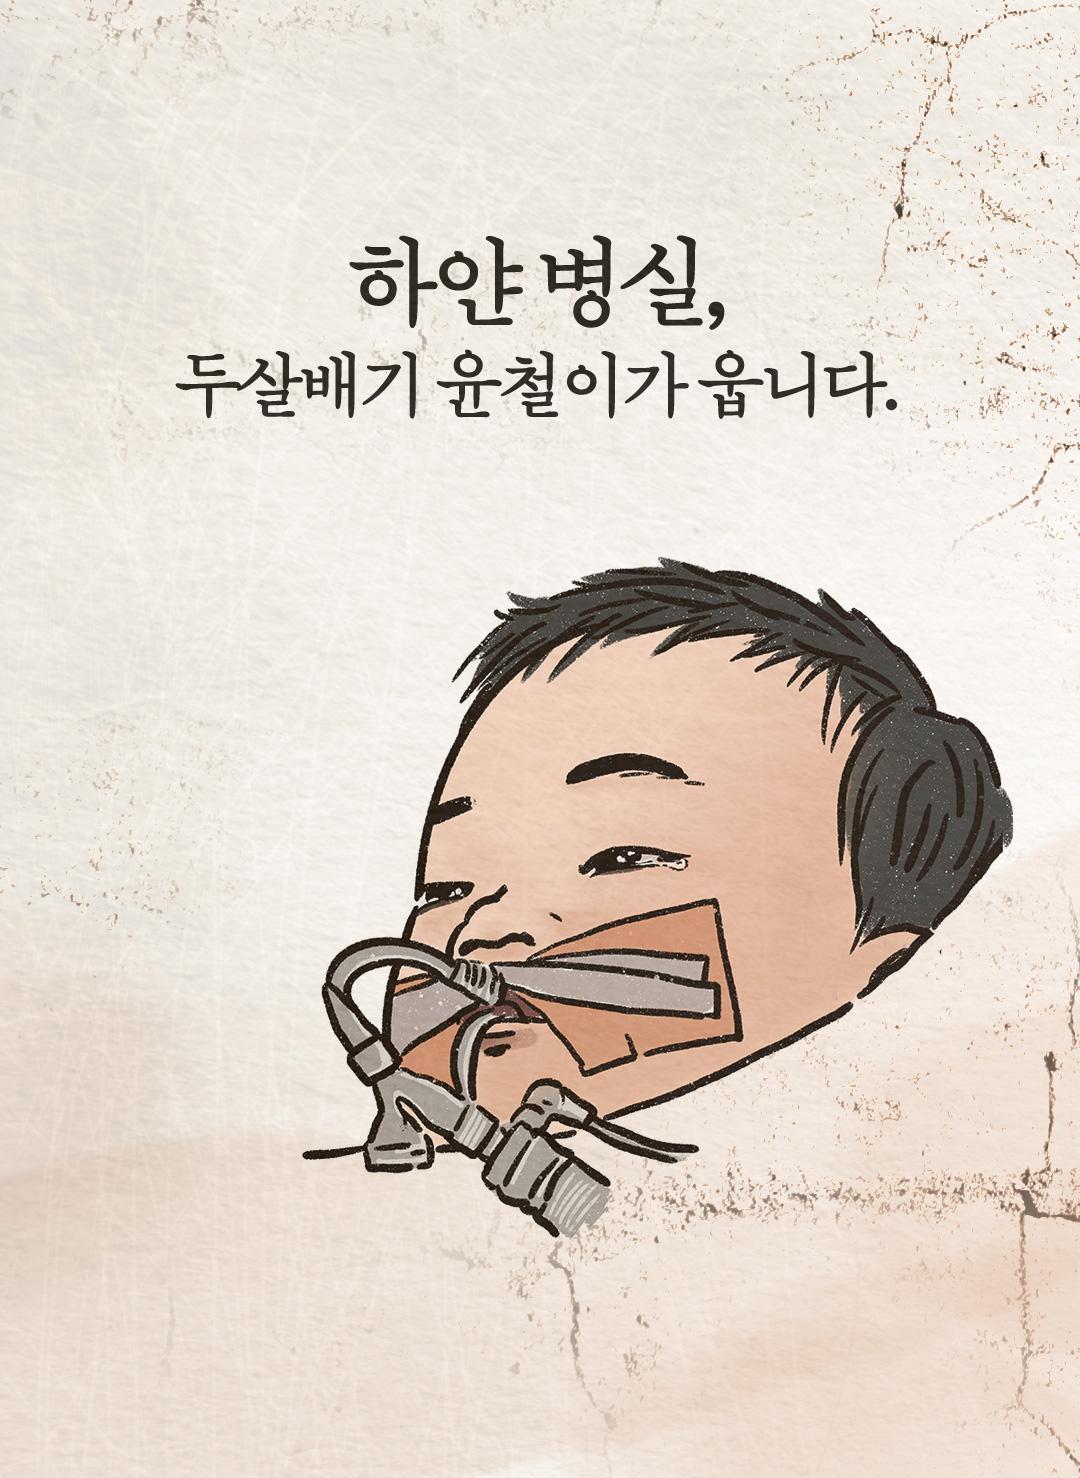 하얀병실 두살배기 윤철이가 웁니다.